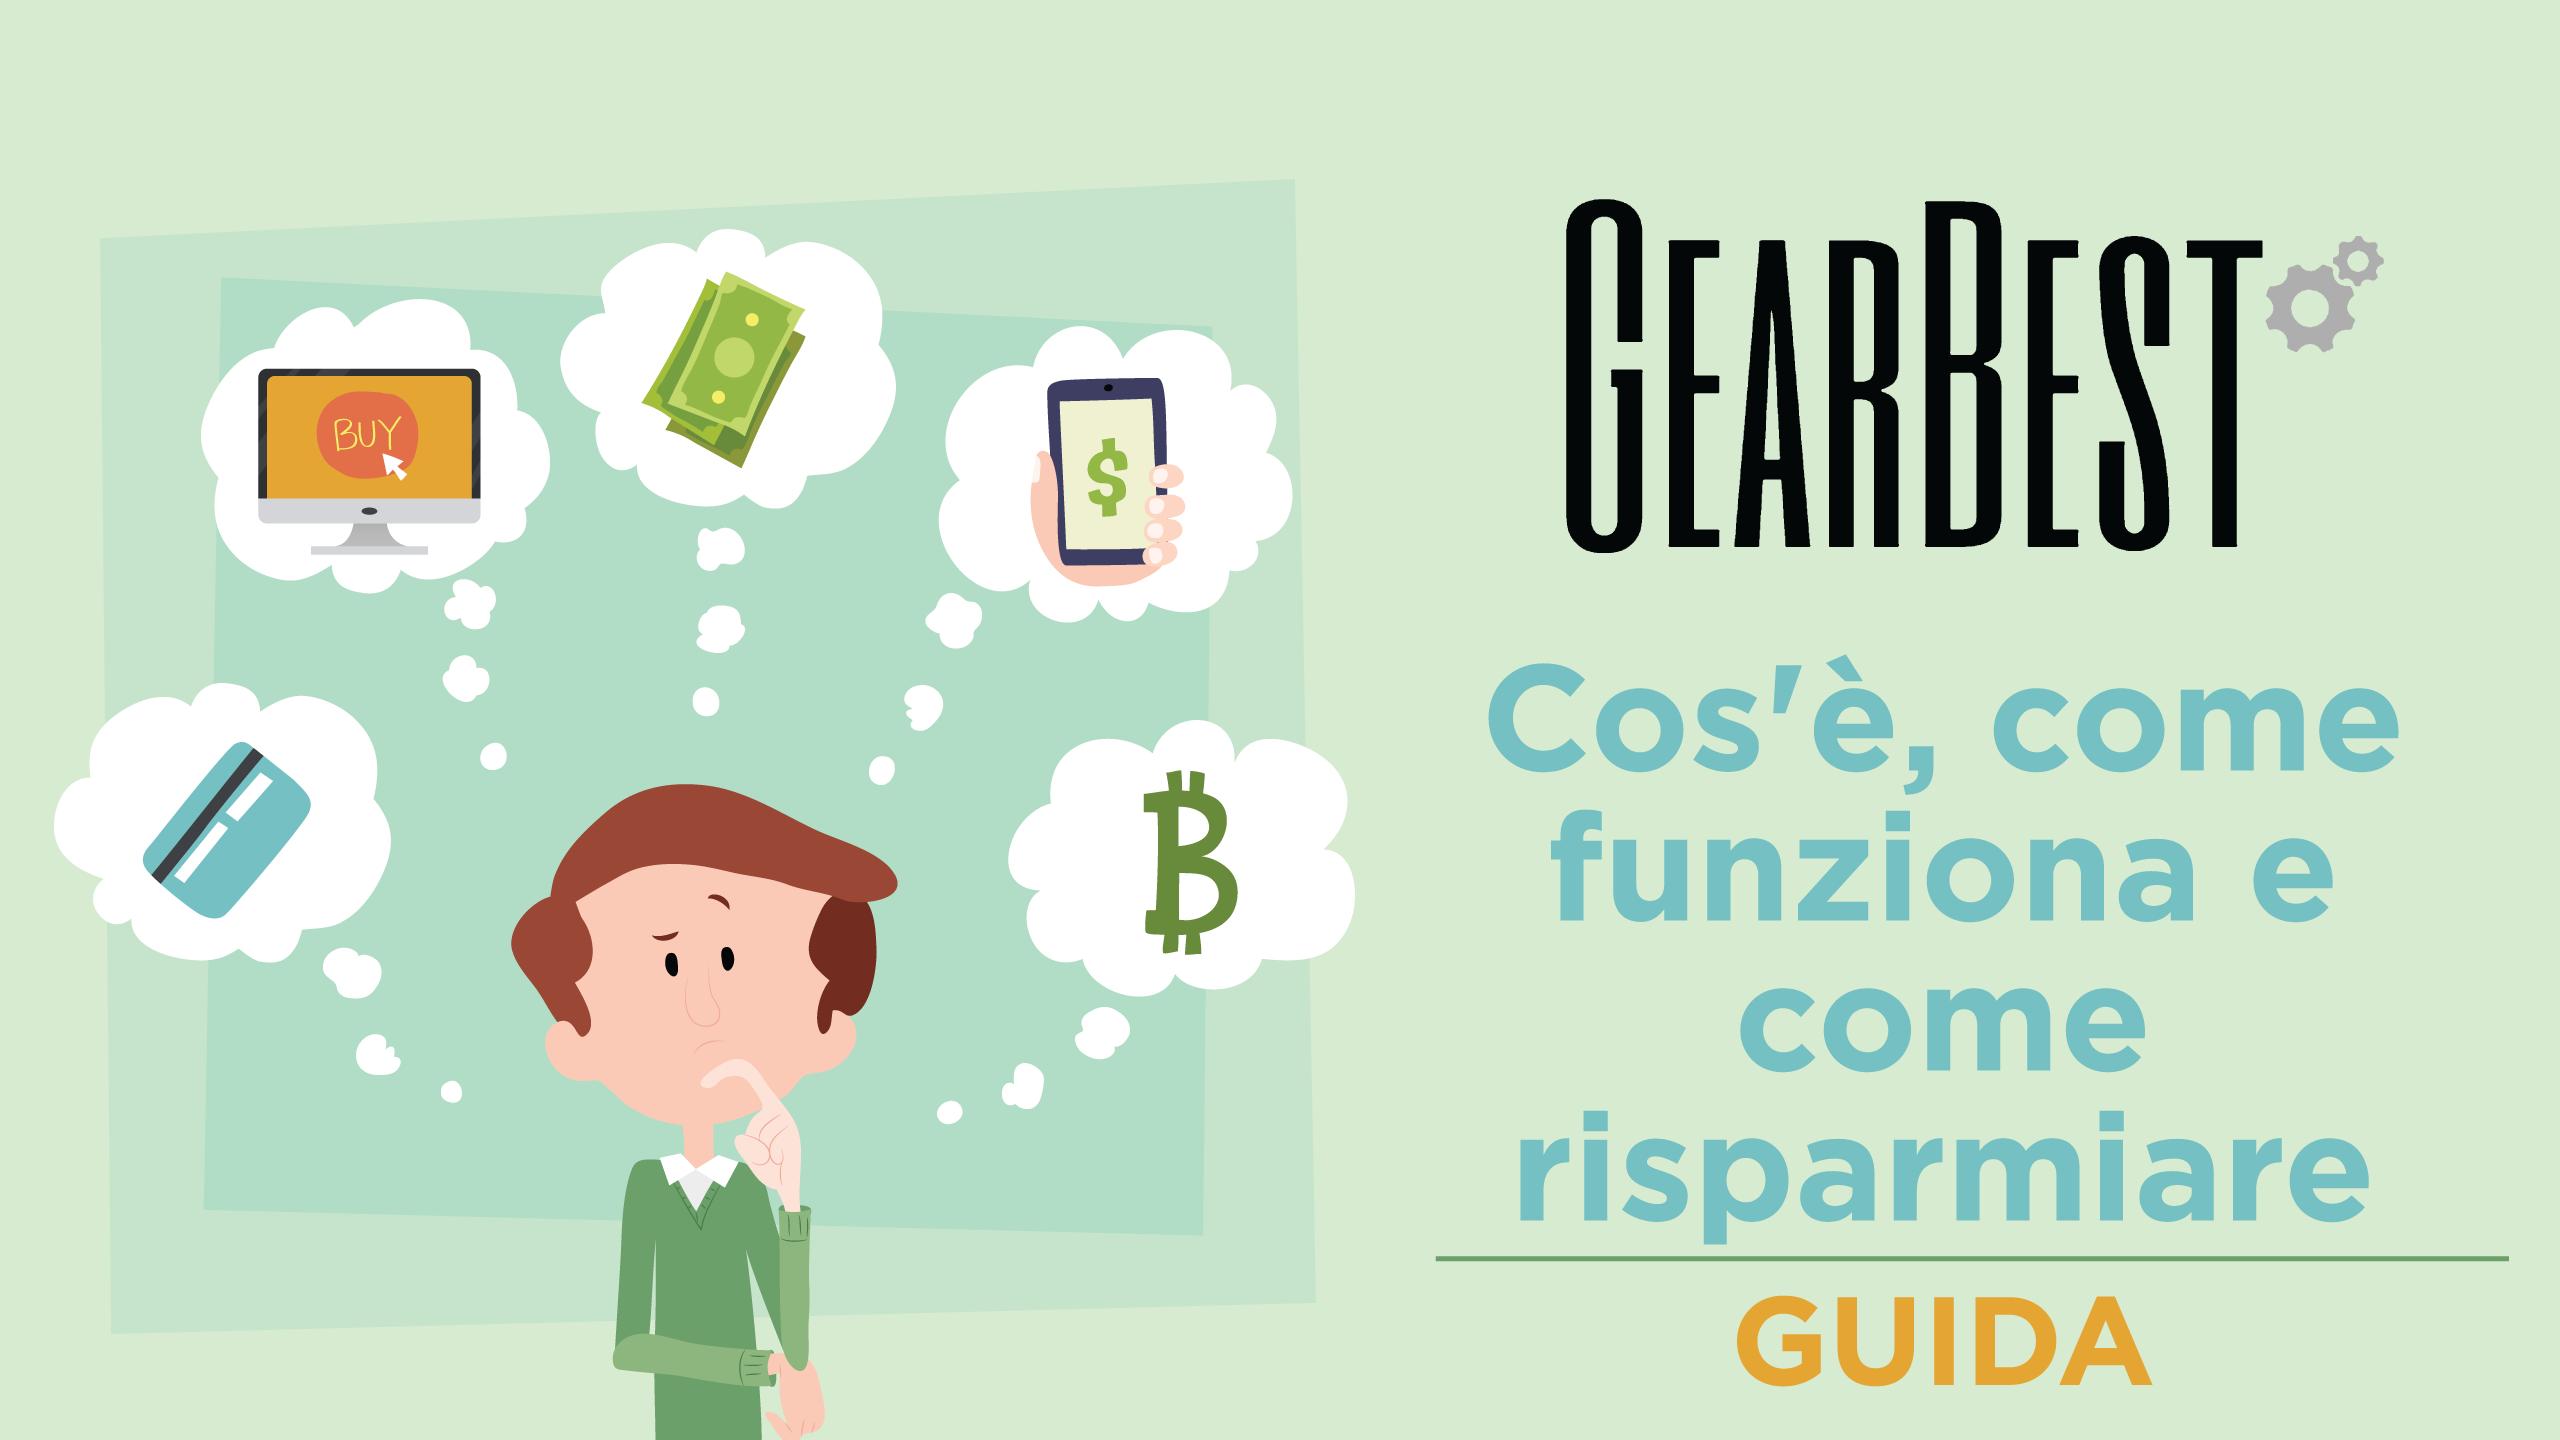 GearBest: cos'è, come funziona e come risparmiare | Guida